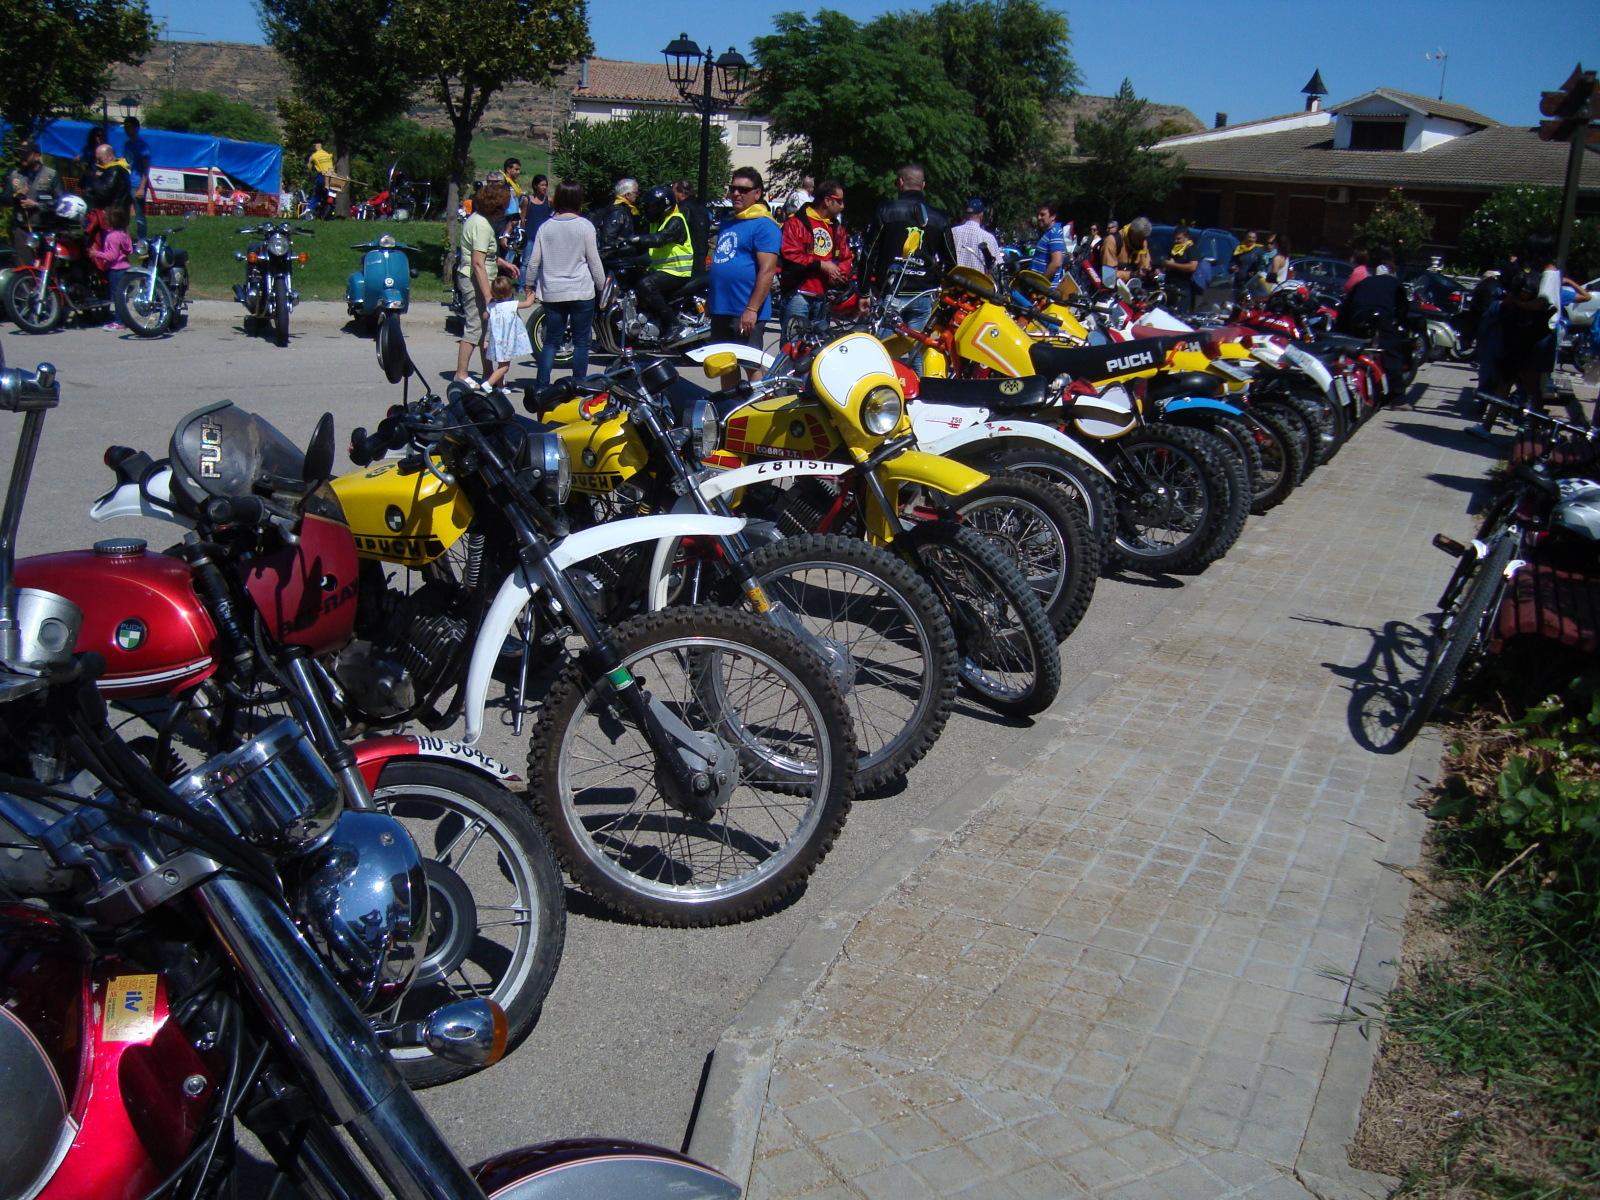 XI concentracion de motos antiguas en Alberuela de tubo (Huesca) 2mhbgqb